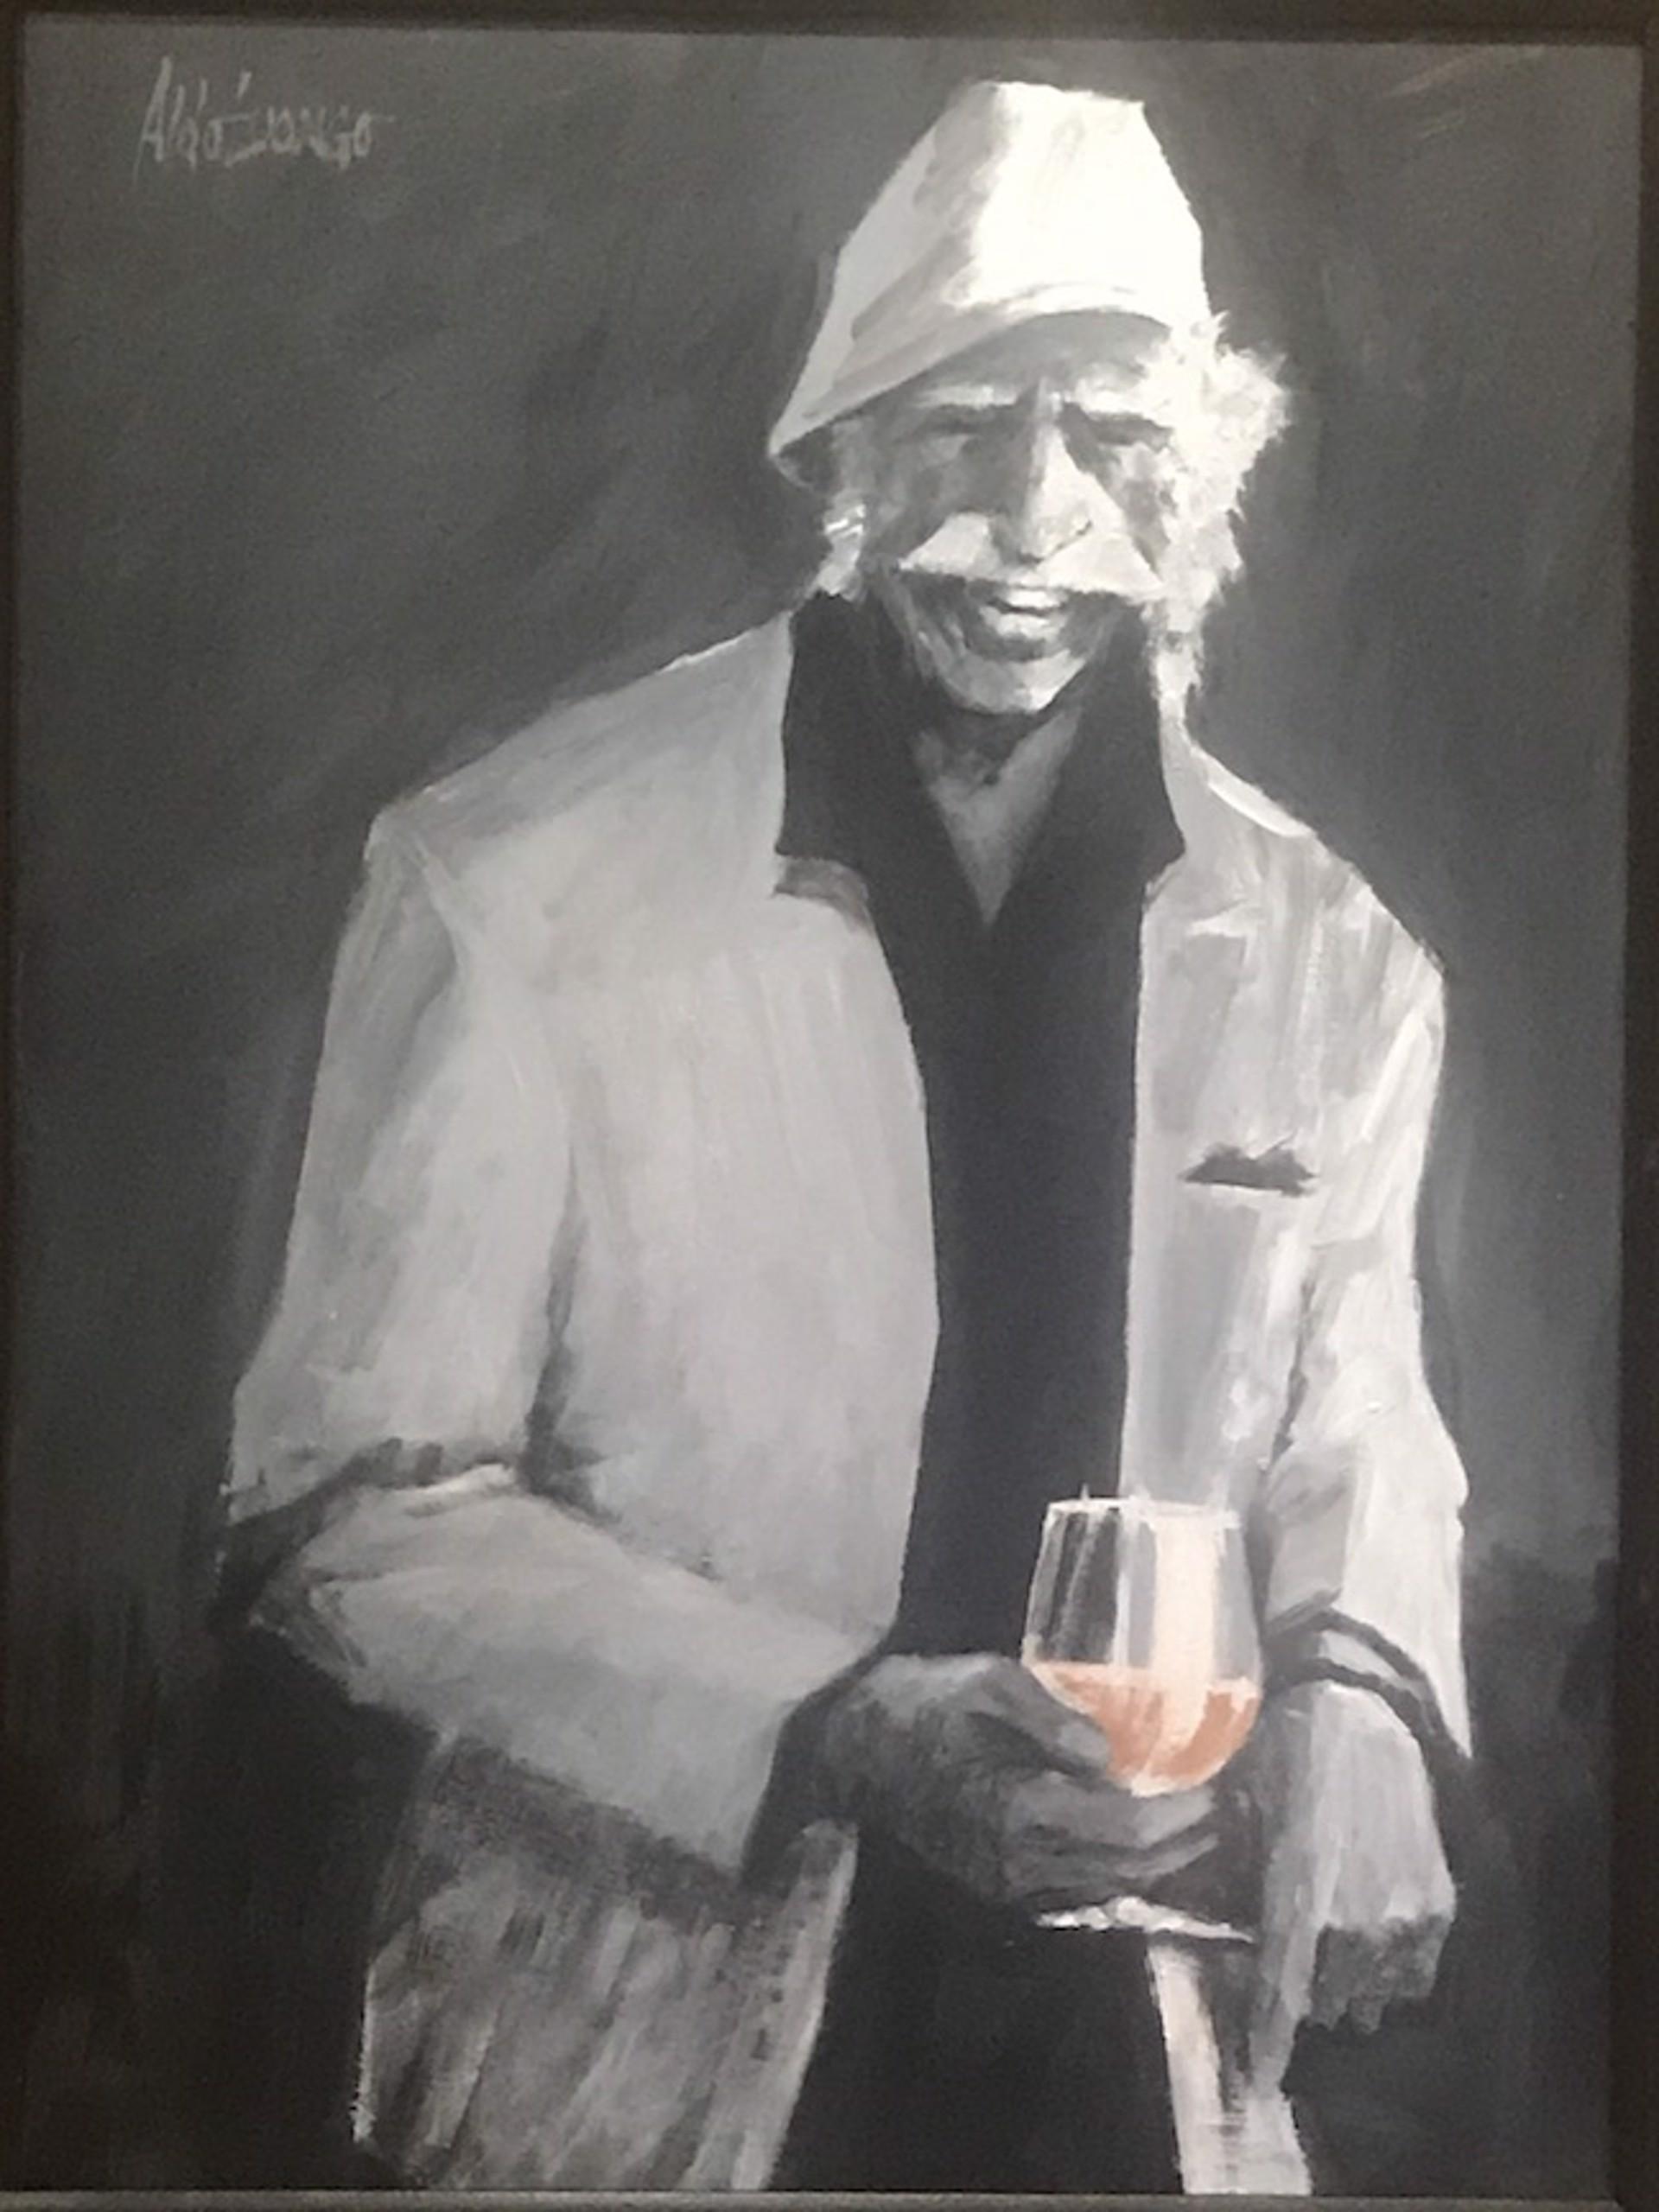 Cognac In The Oak Room by Aldo Luongo